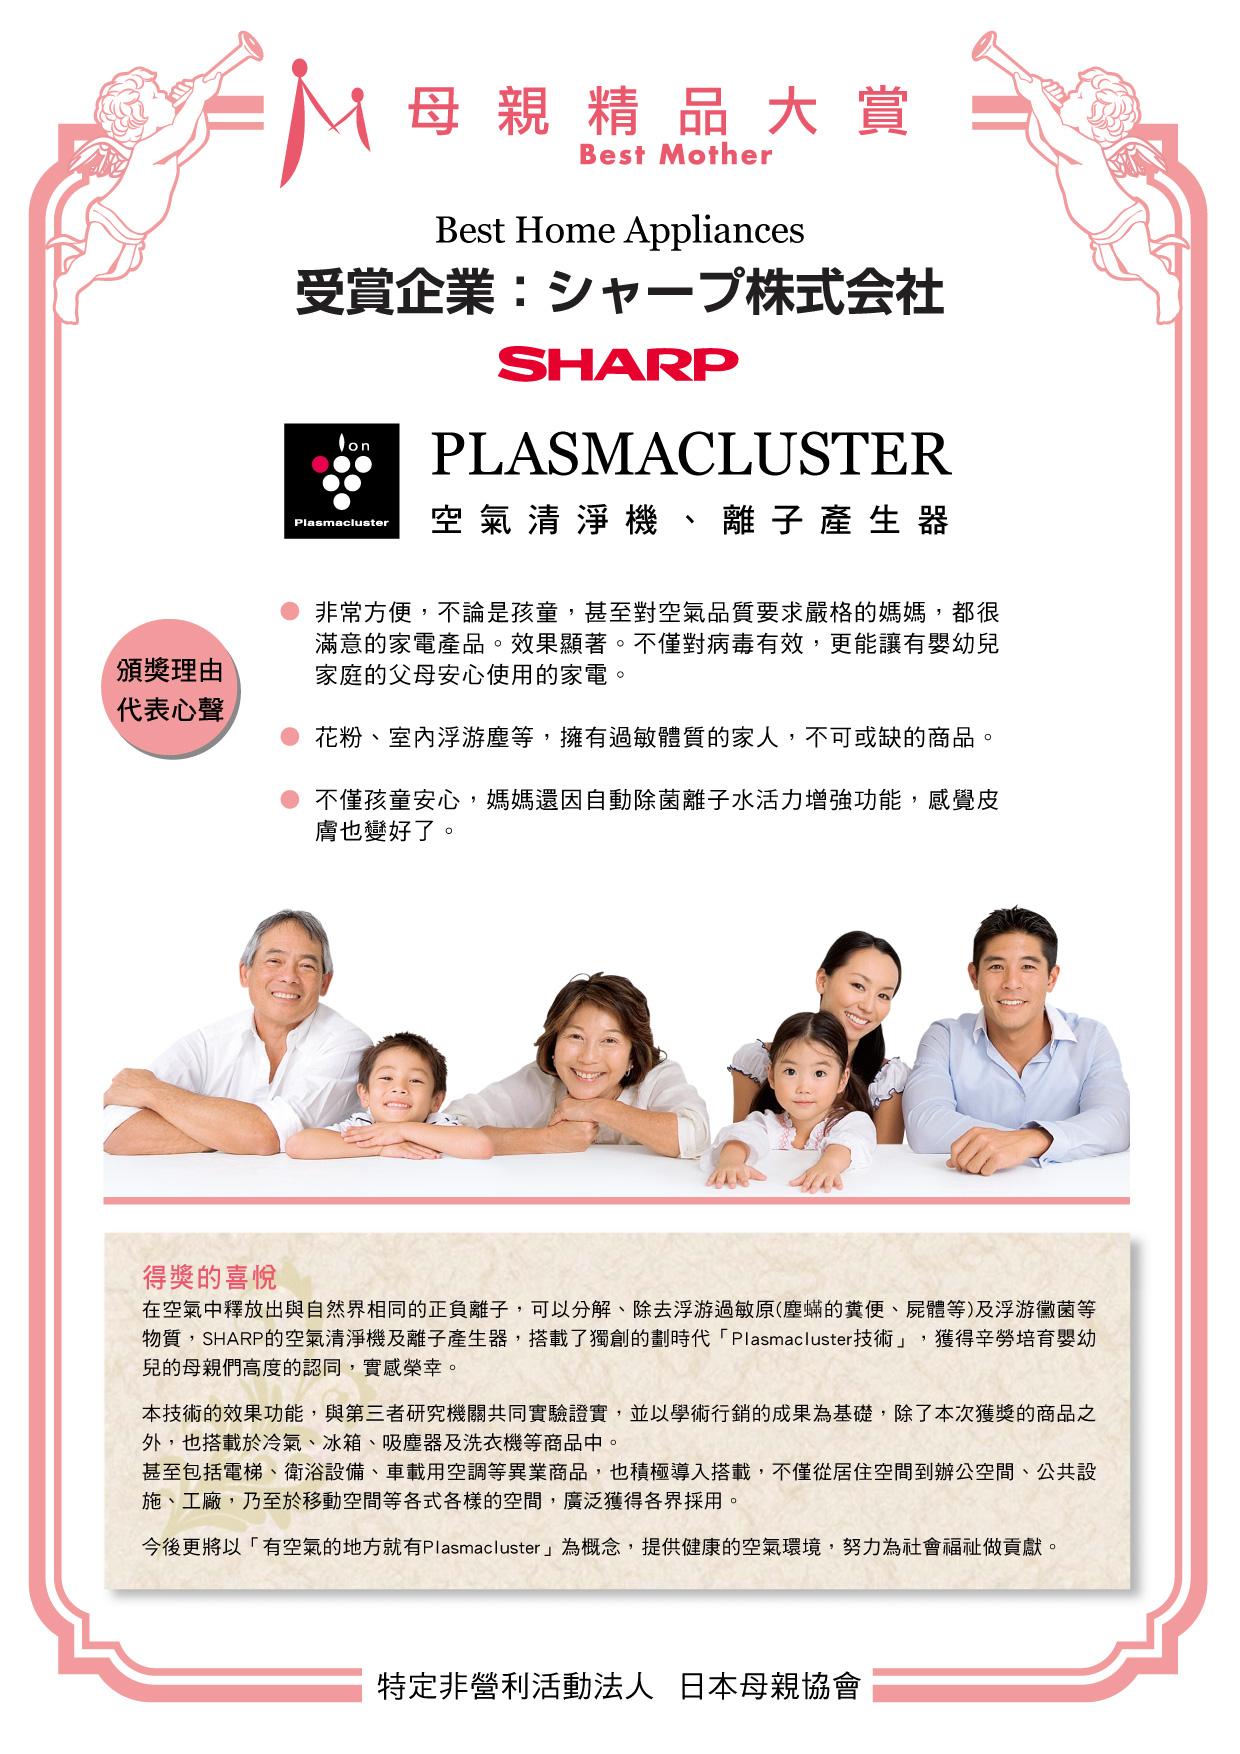 SHARP自動除菌離子空氣清淨機離子產生器榮獲日本母親精品大賞